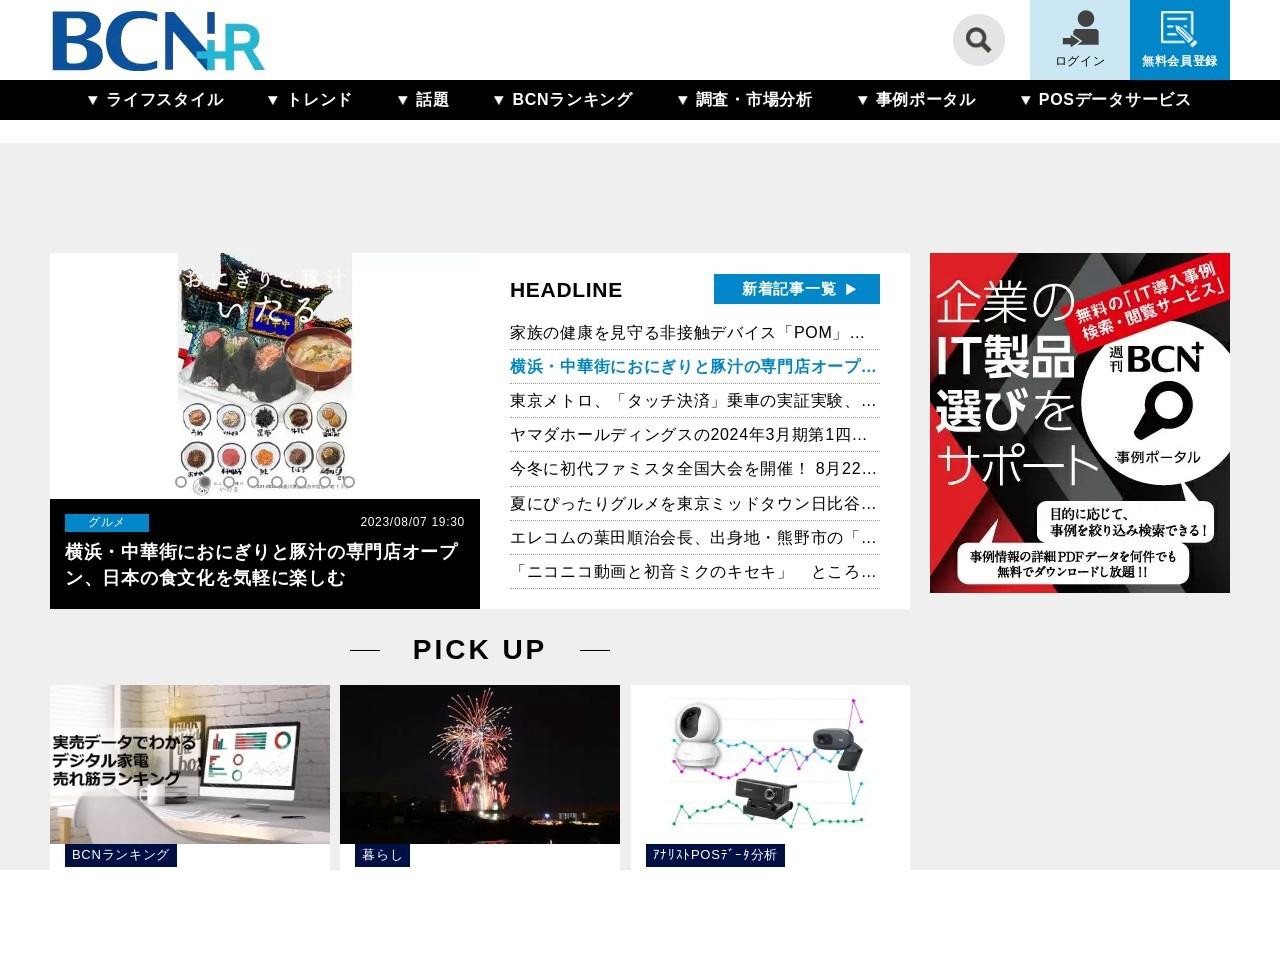 NTTドコモ、iPhoneがそんなに売れていない? TOPはAQUOS sense3! スマートフォンキャリア別売れ筋 …